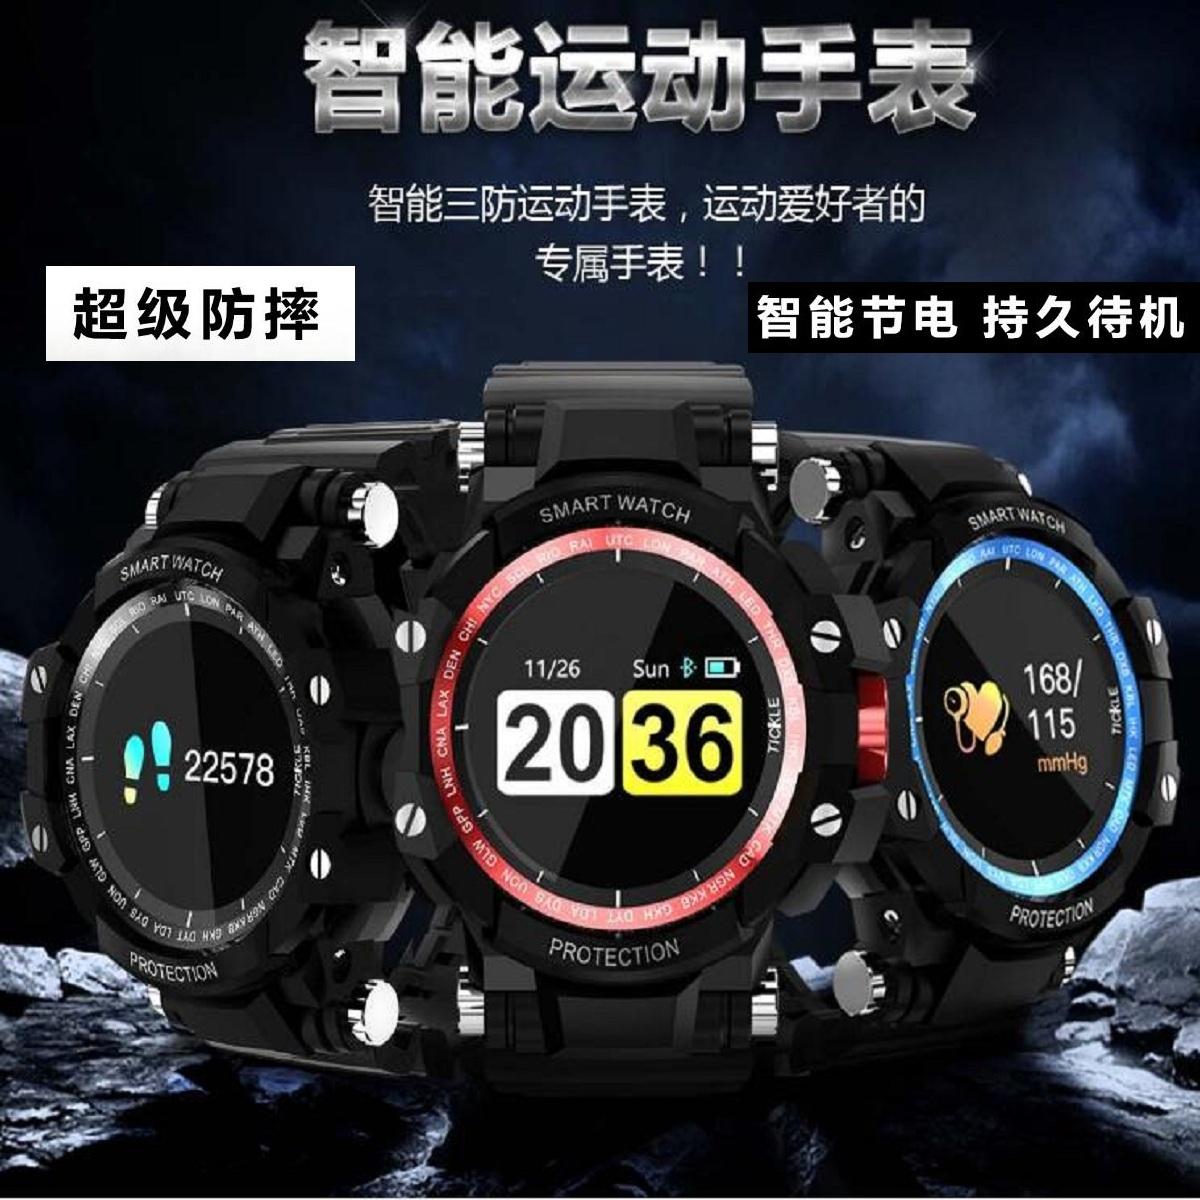 欧达智能运动手表心率血压血氧计步防摔来电提醒手环GW68